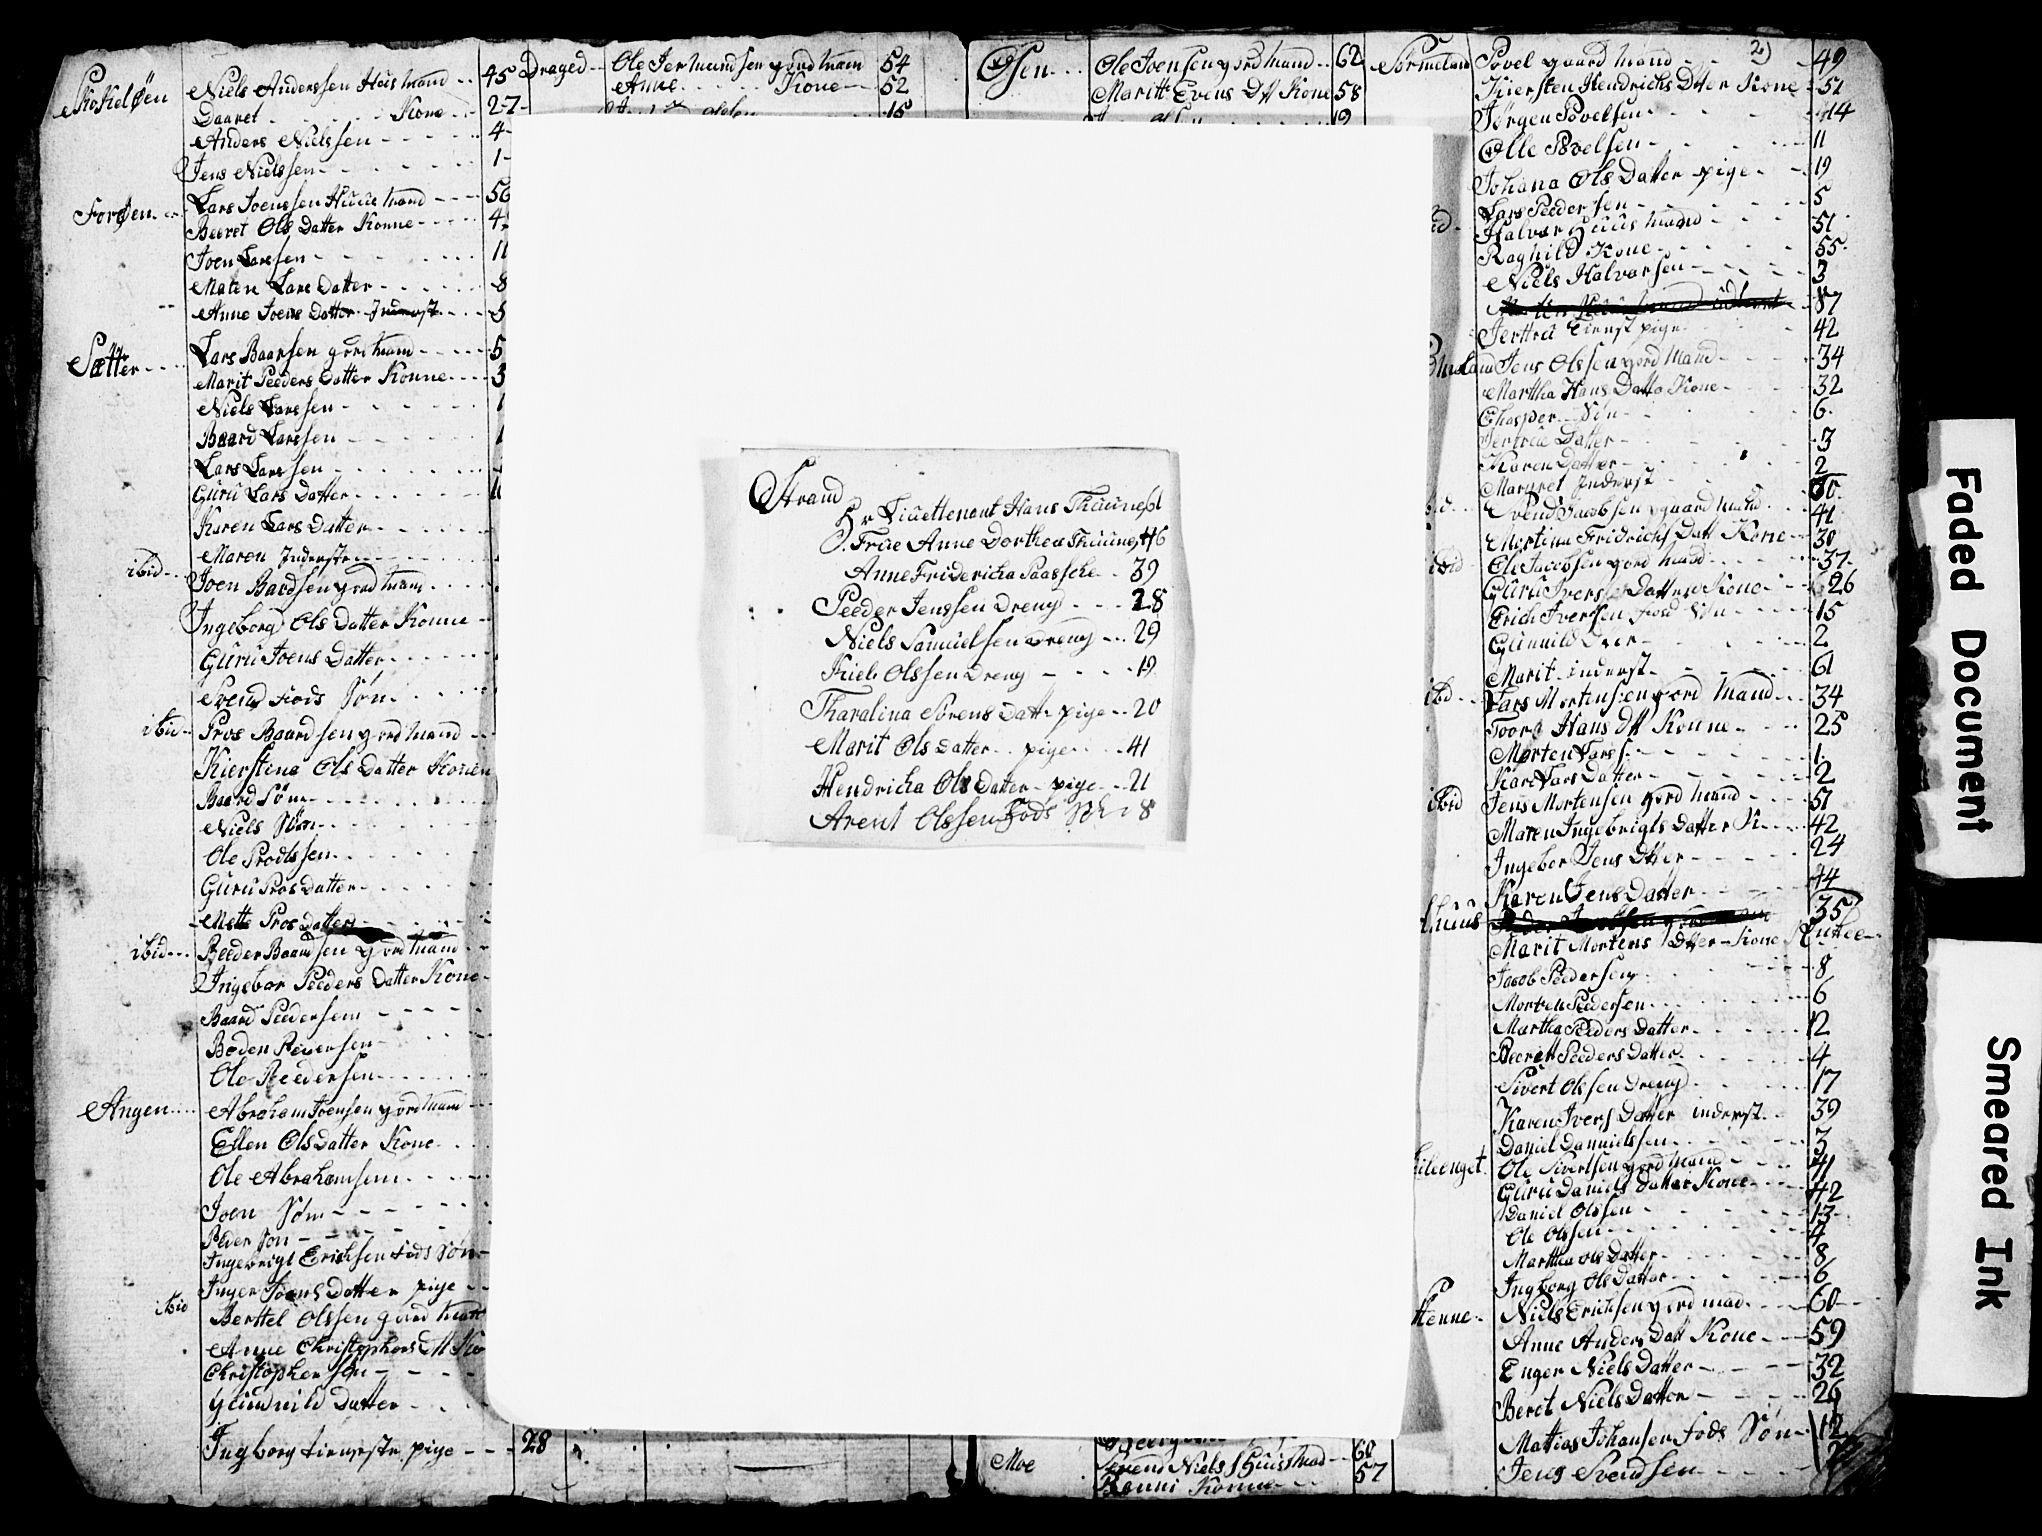 SAT, Fosen prosti*, 1794, s. 2